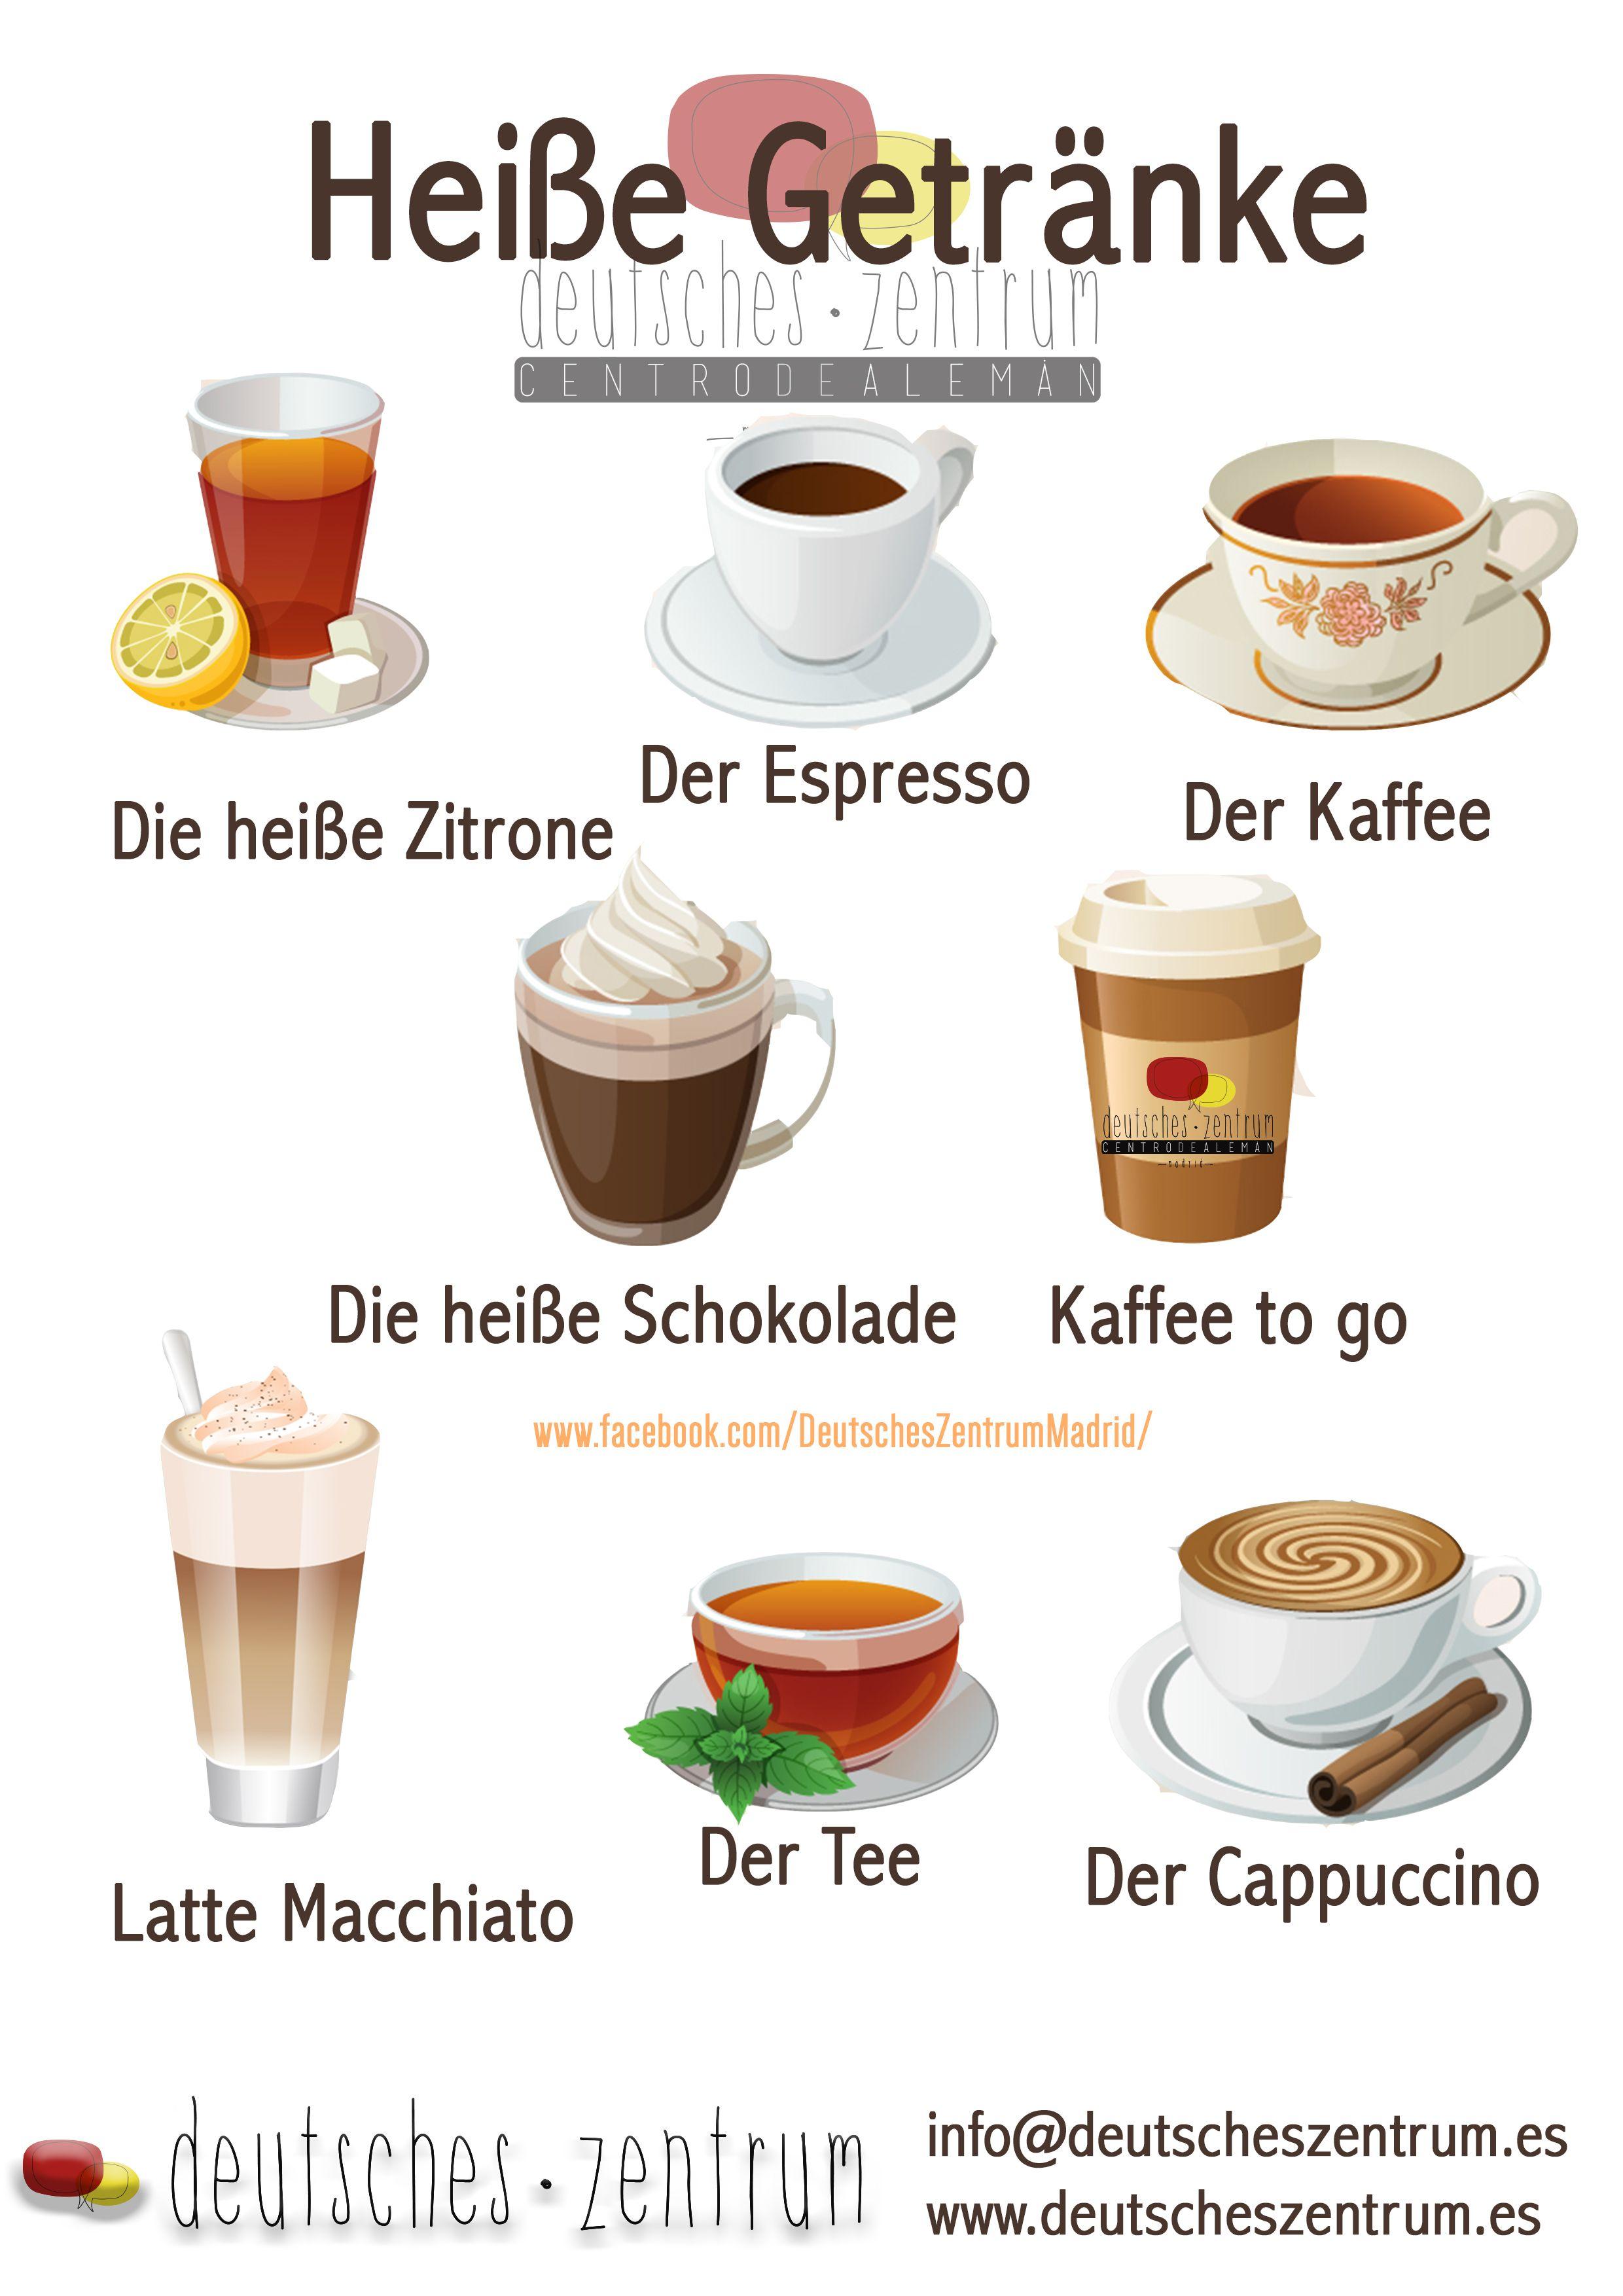 7 ways to a german language alternator wiring diagram chevy kaffee deutsch wortschatz grammatik alemán daf